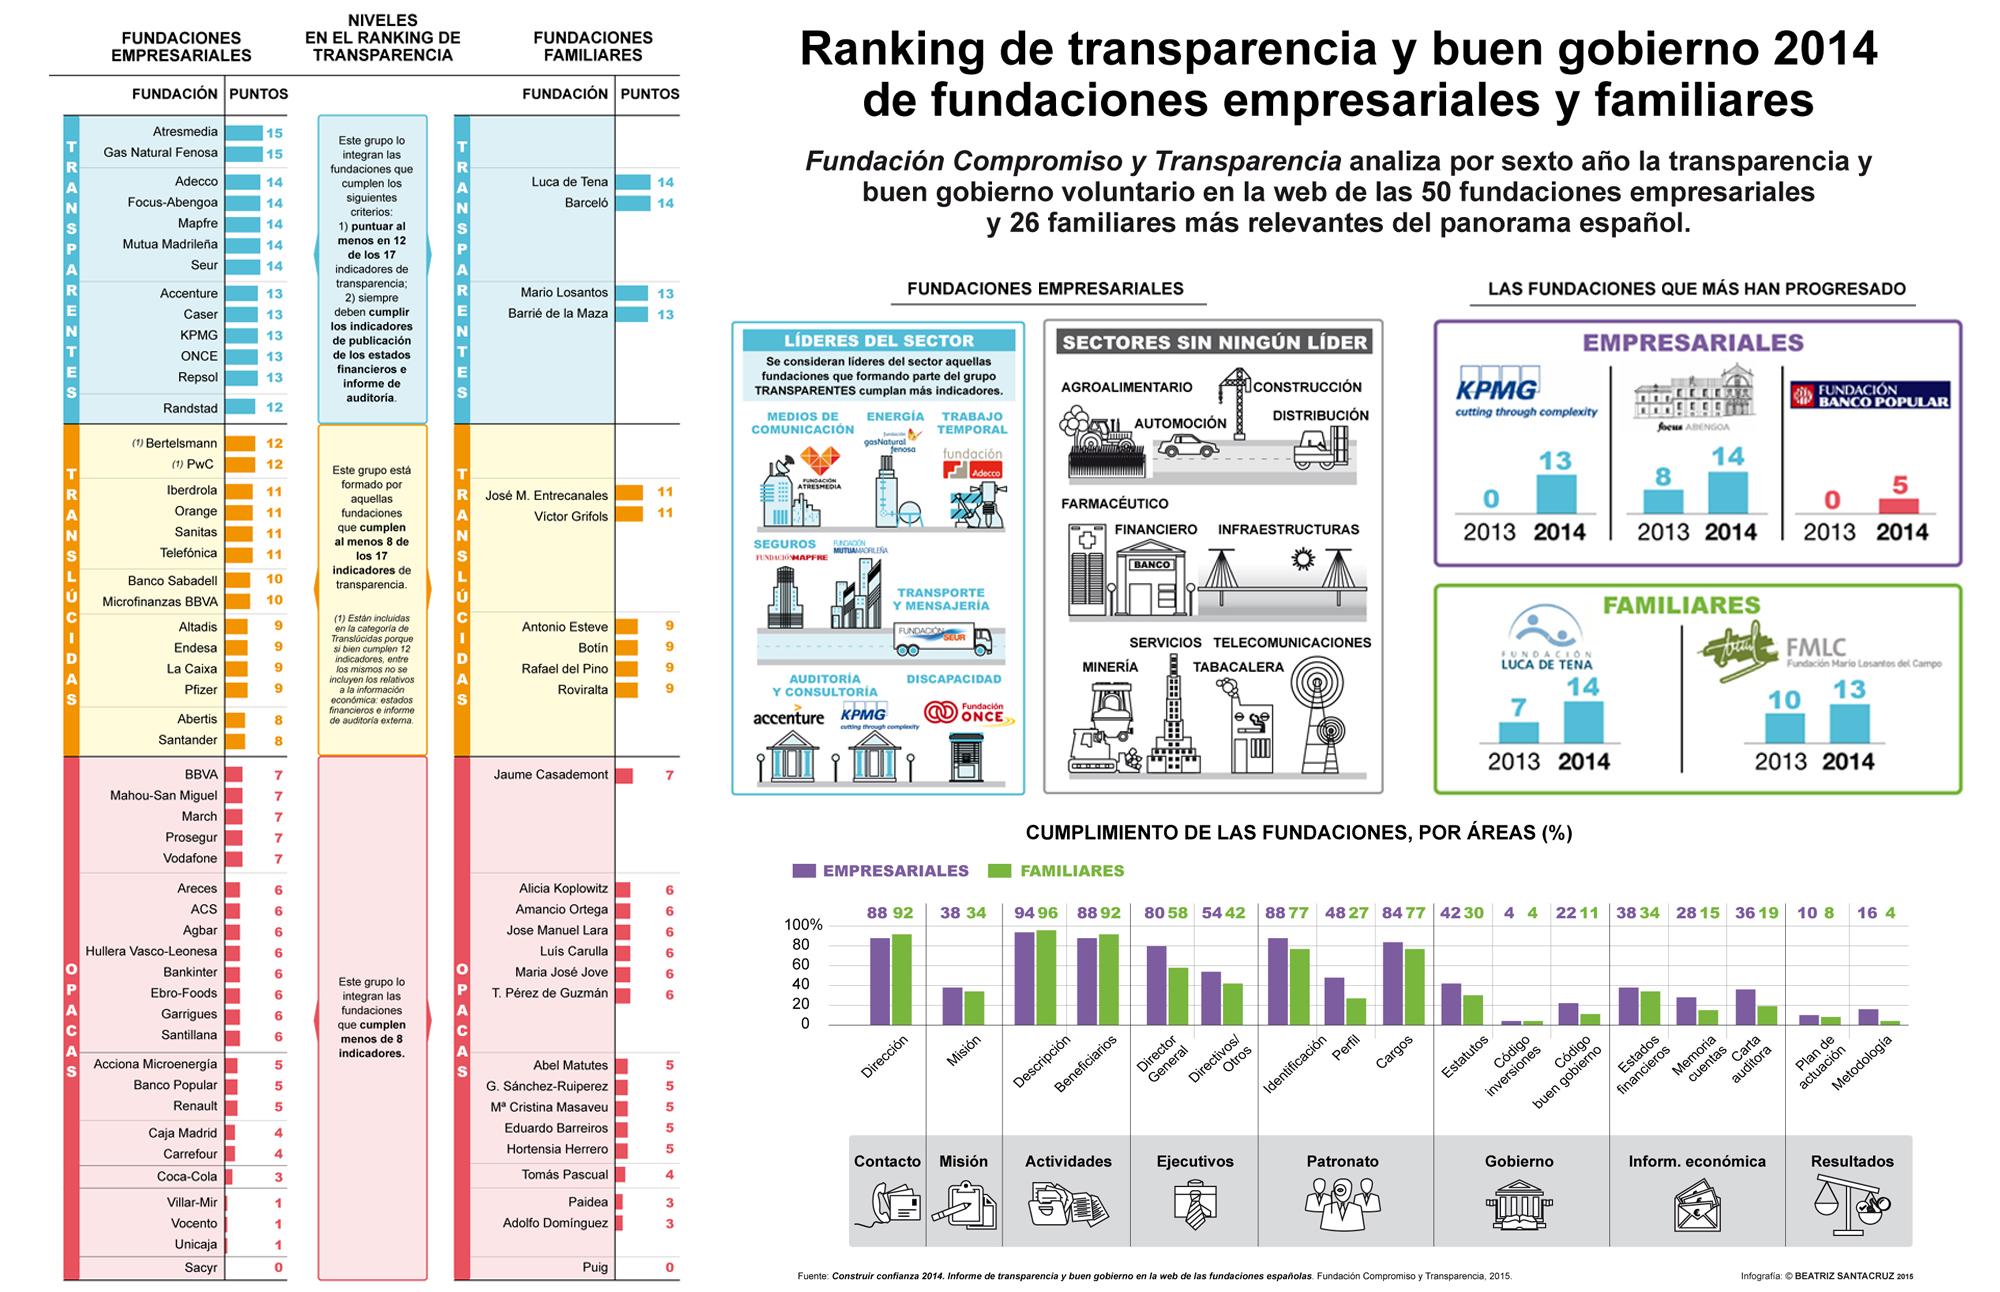 Informe-transparencia-fundaciones-2014-infografia